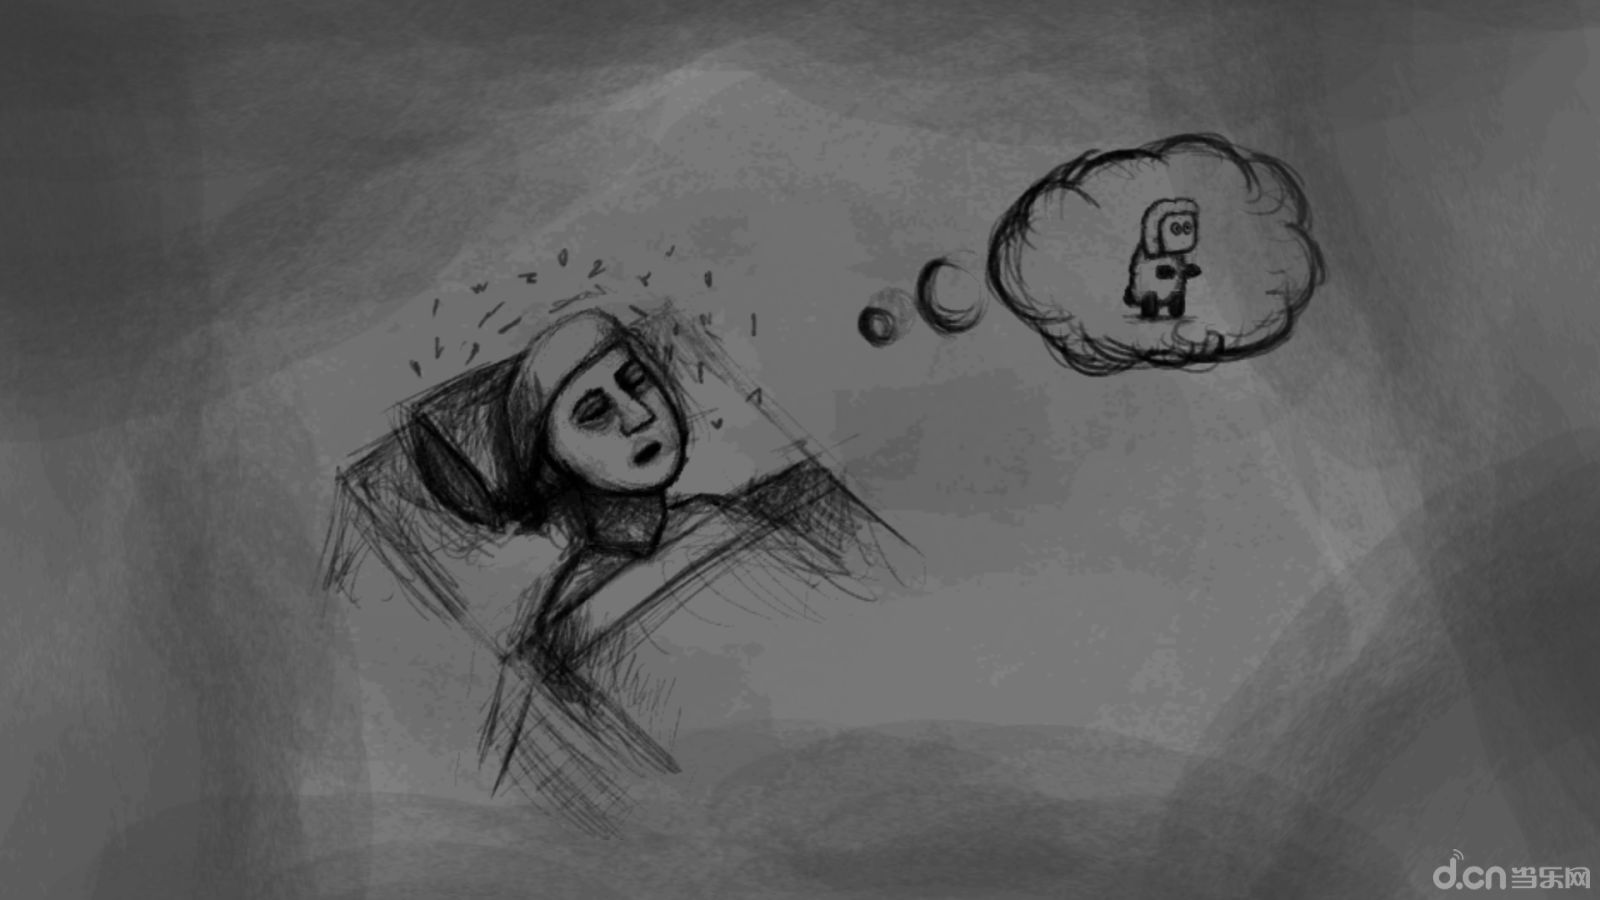 我讨厌失眠表情包分享展示图片